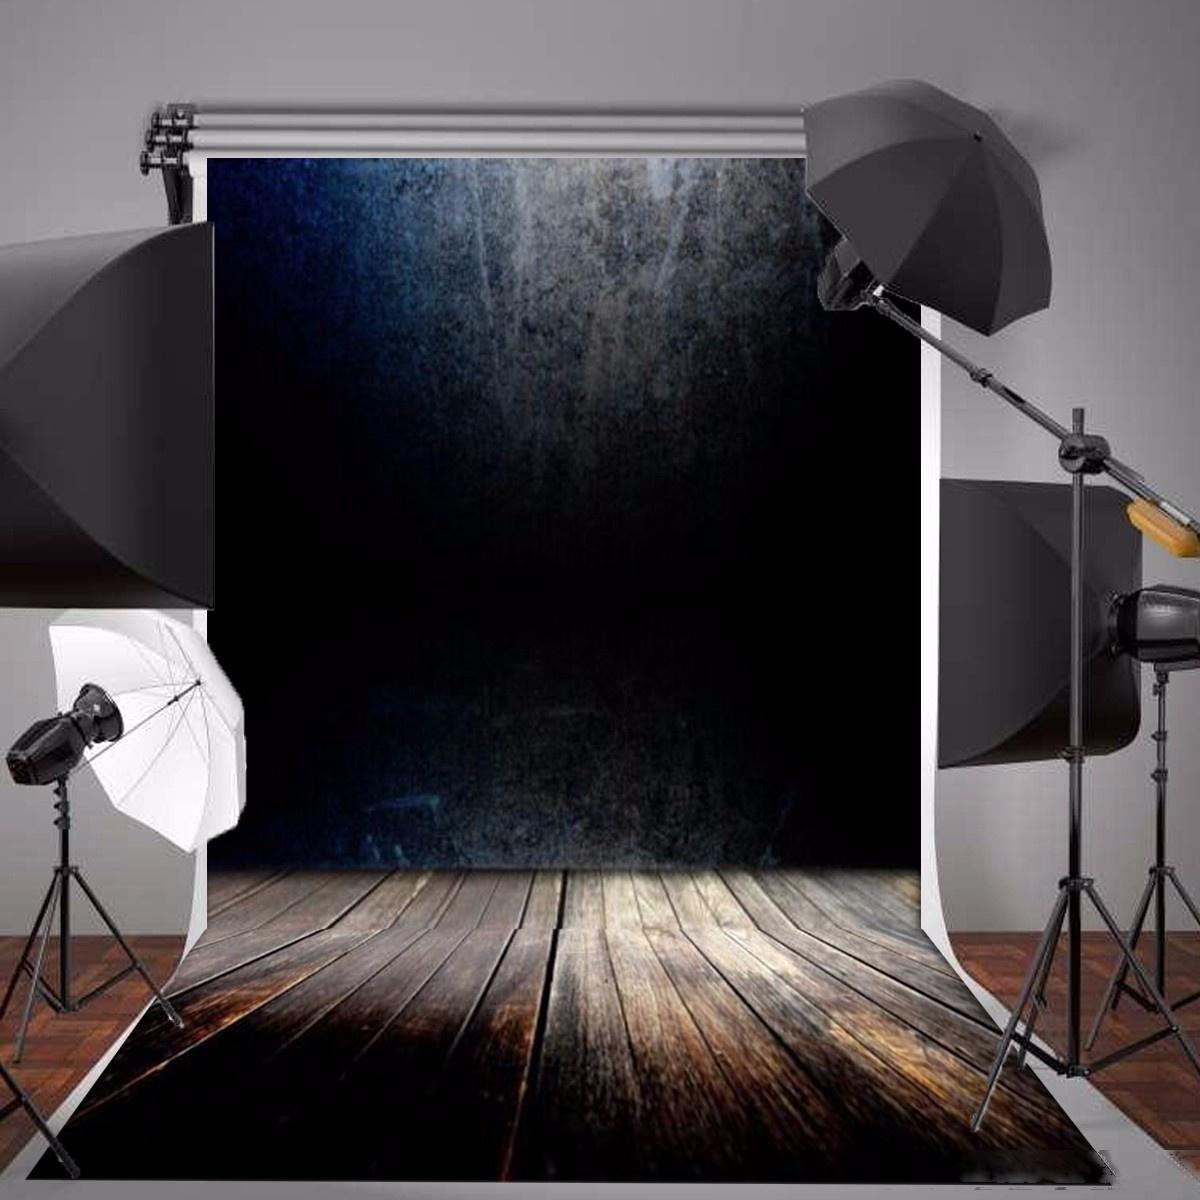 Background 5X7ft Fotografia vinil preto Gradiente Cinzento Madeira Vintage parede Piso Fotografia Backdrops para Photo Studio Props